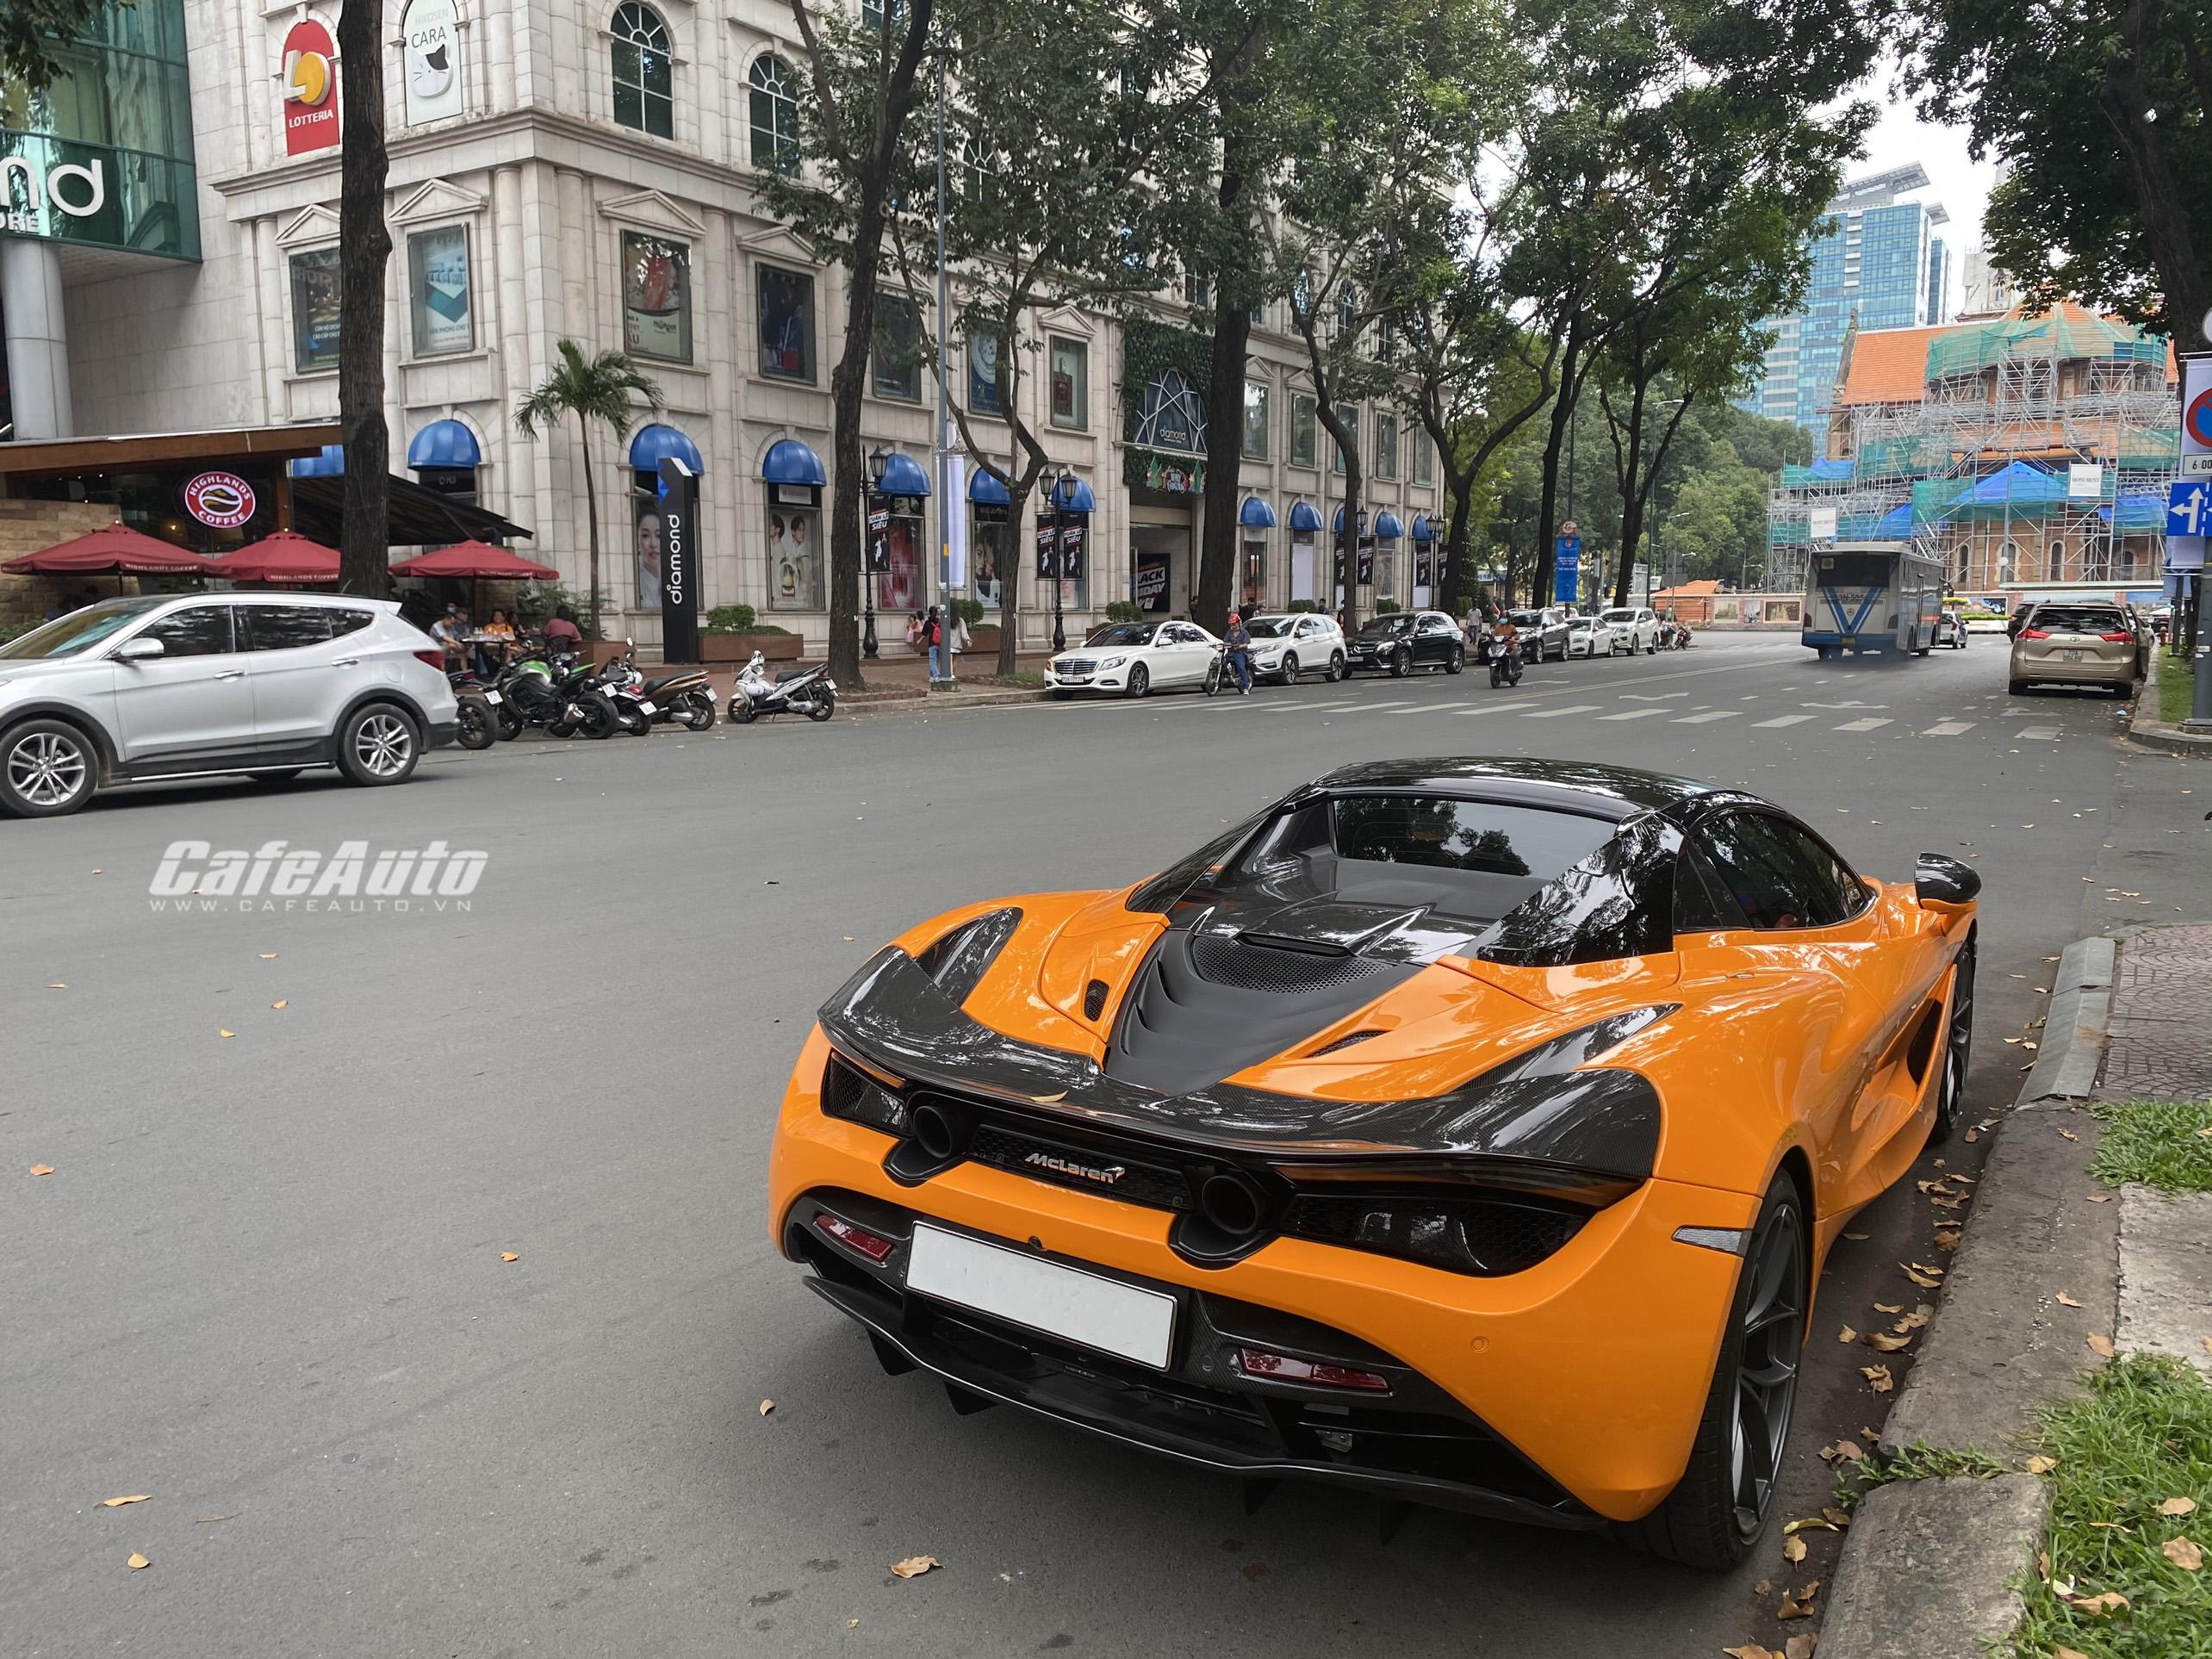 mclaren720sdoandibang-cafeautovn-17